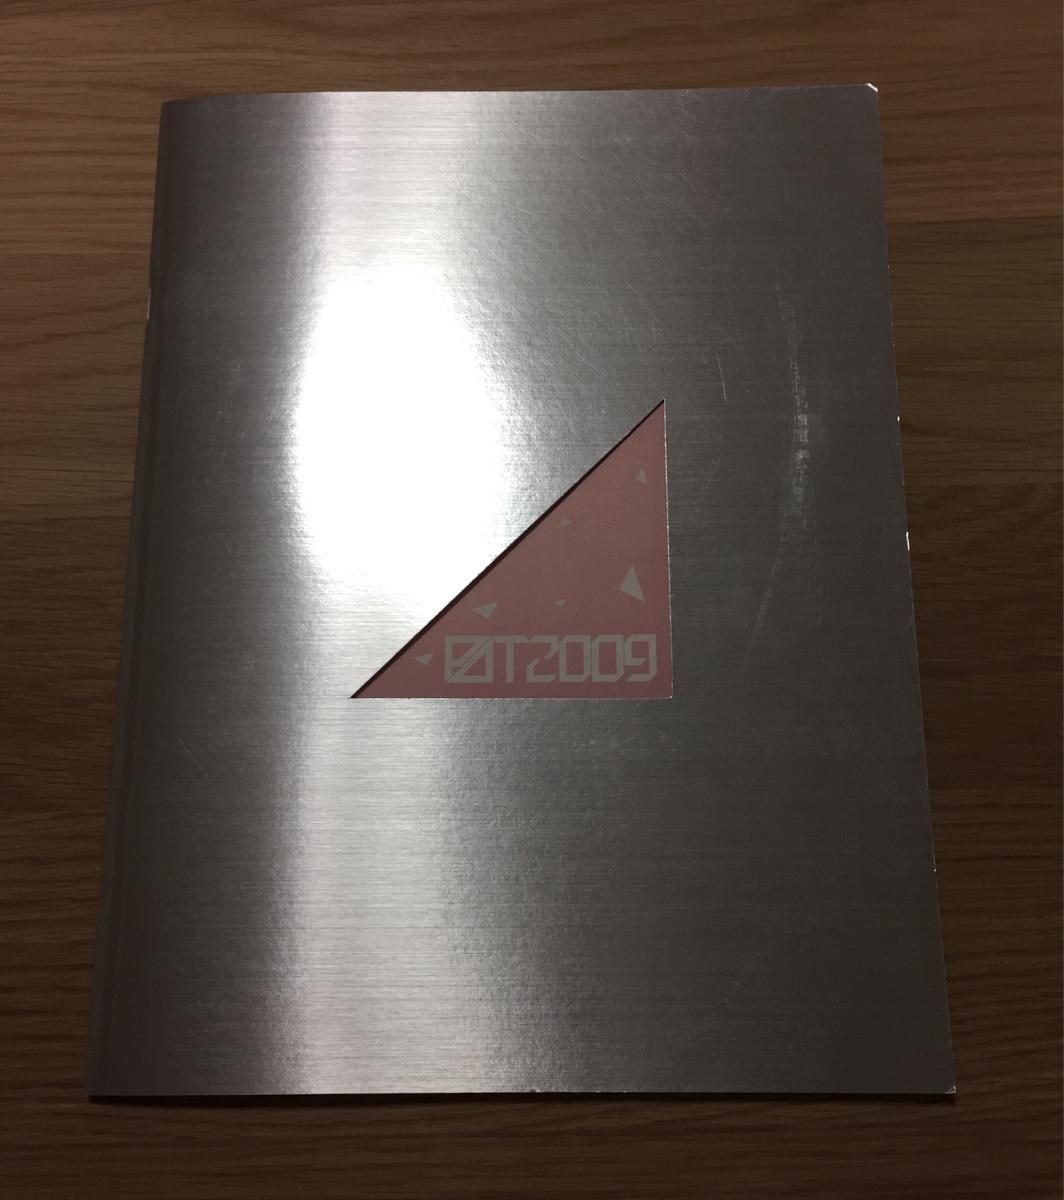 Perfume Second Tour 2009 『直角二等辺三角形TOUR』  パンフレット